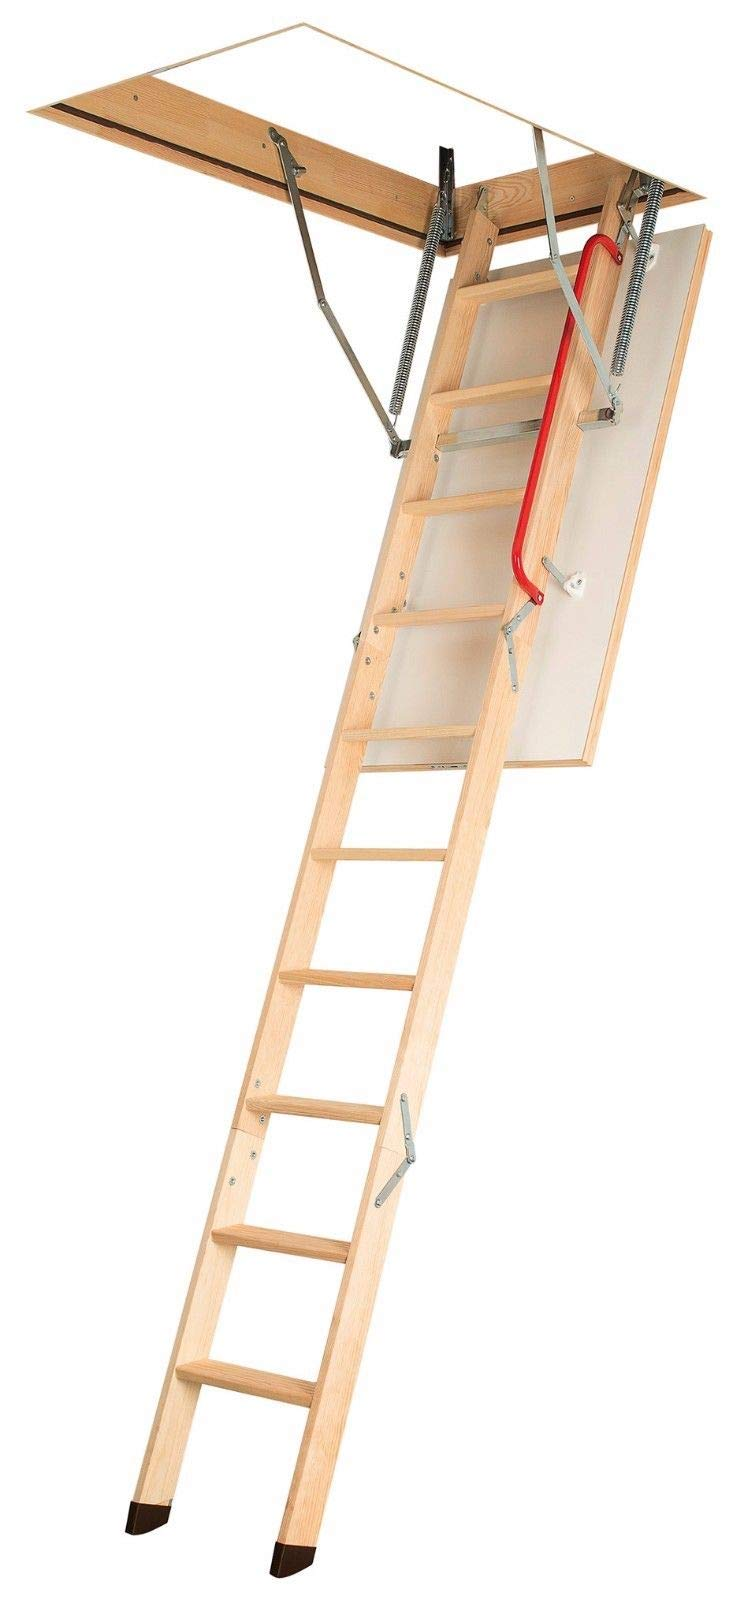 FAKRO LMK Escalera para suelo con guía metálica: Amazon.es: Bricolaje y herramientas